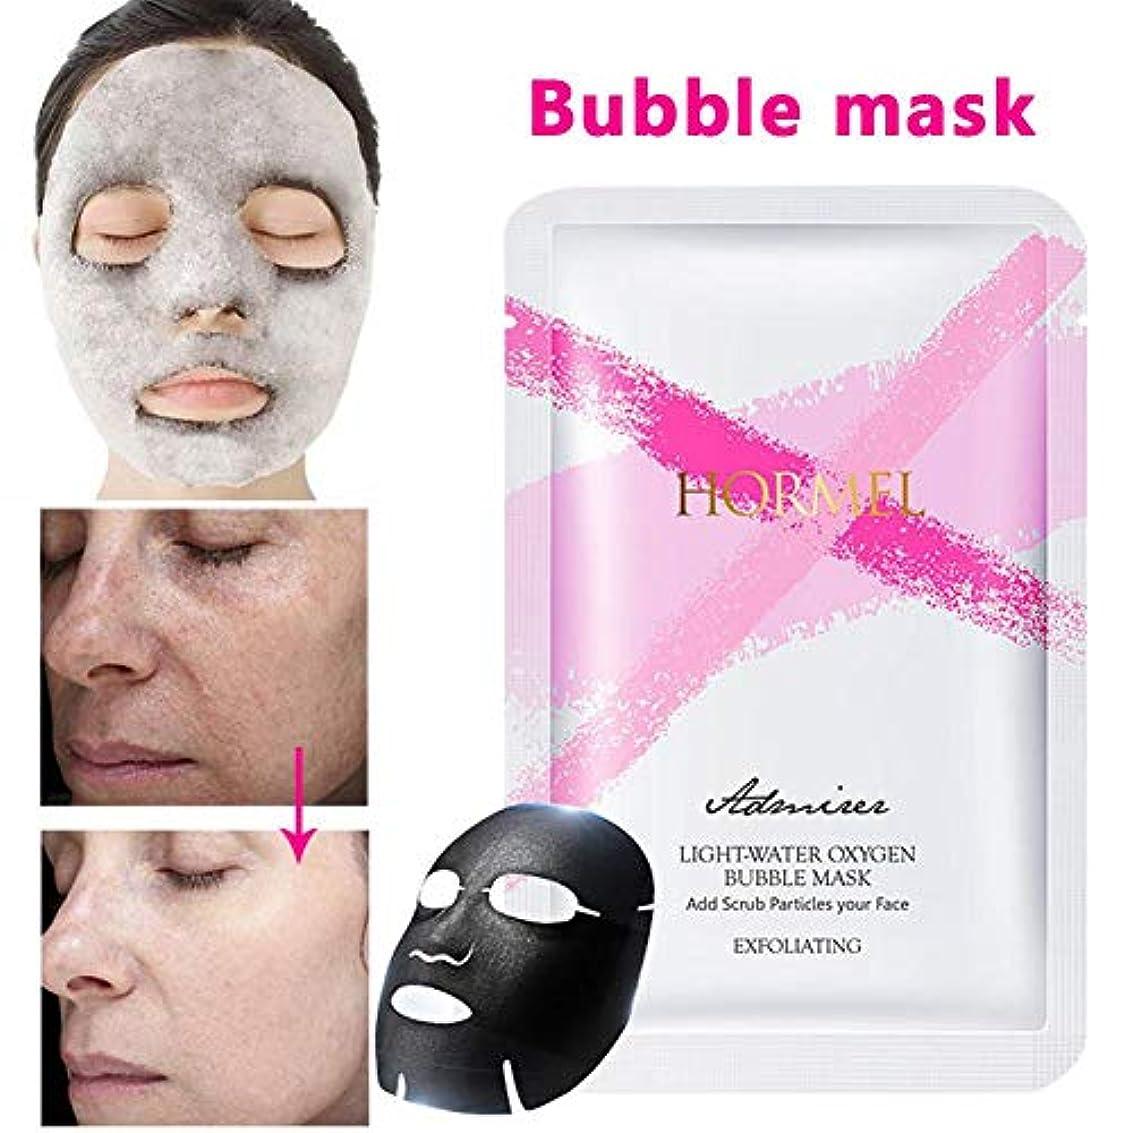 洗顔フォーム バブルマッドマスク パック たっぷり フィス ホワイト 洗顔 汚れを落とす 炭酸 マッド 40g バブル 泥パック 毛穴 汚れ スッキリ 黒ずみ